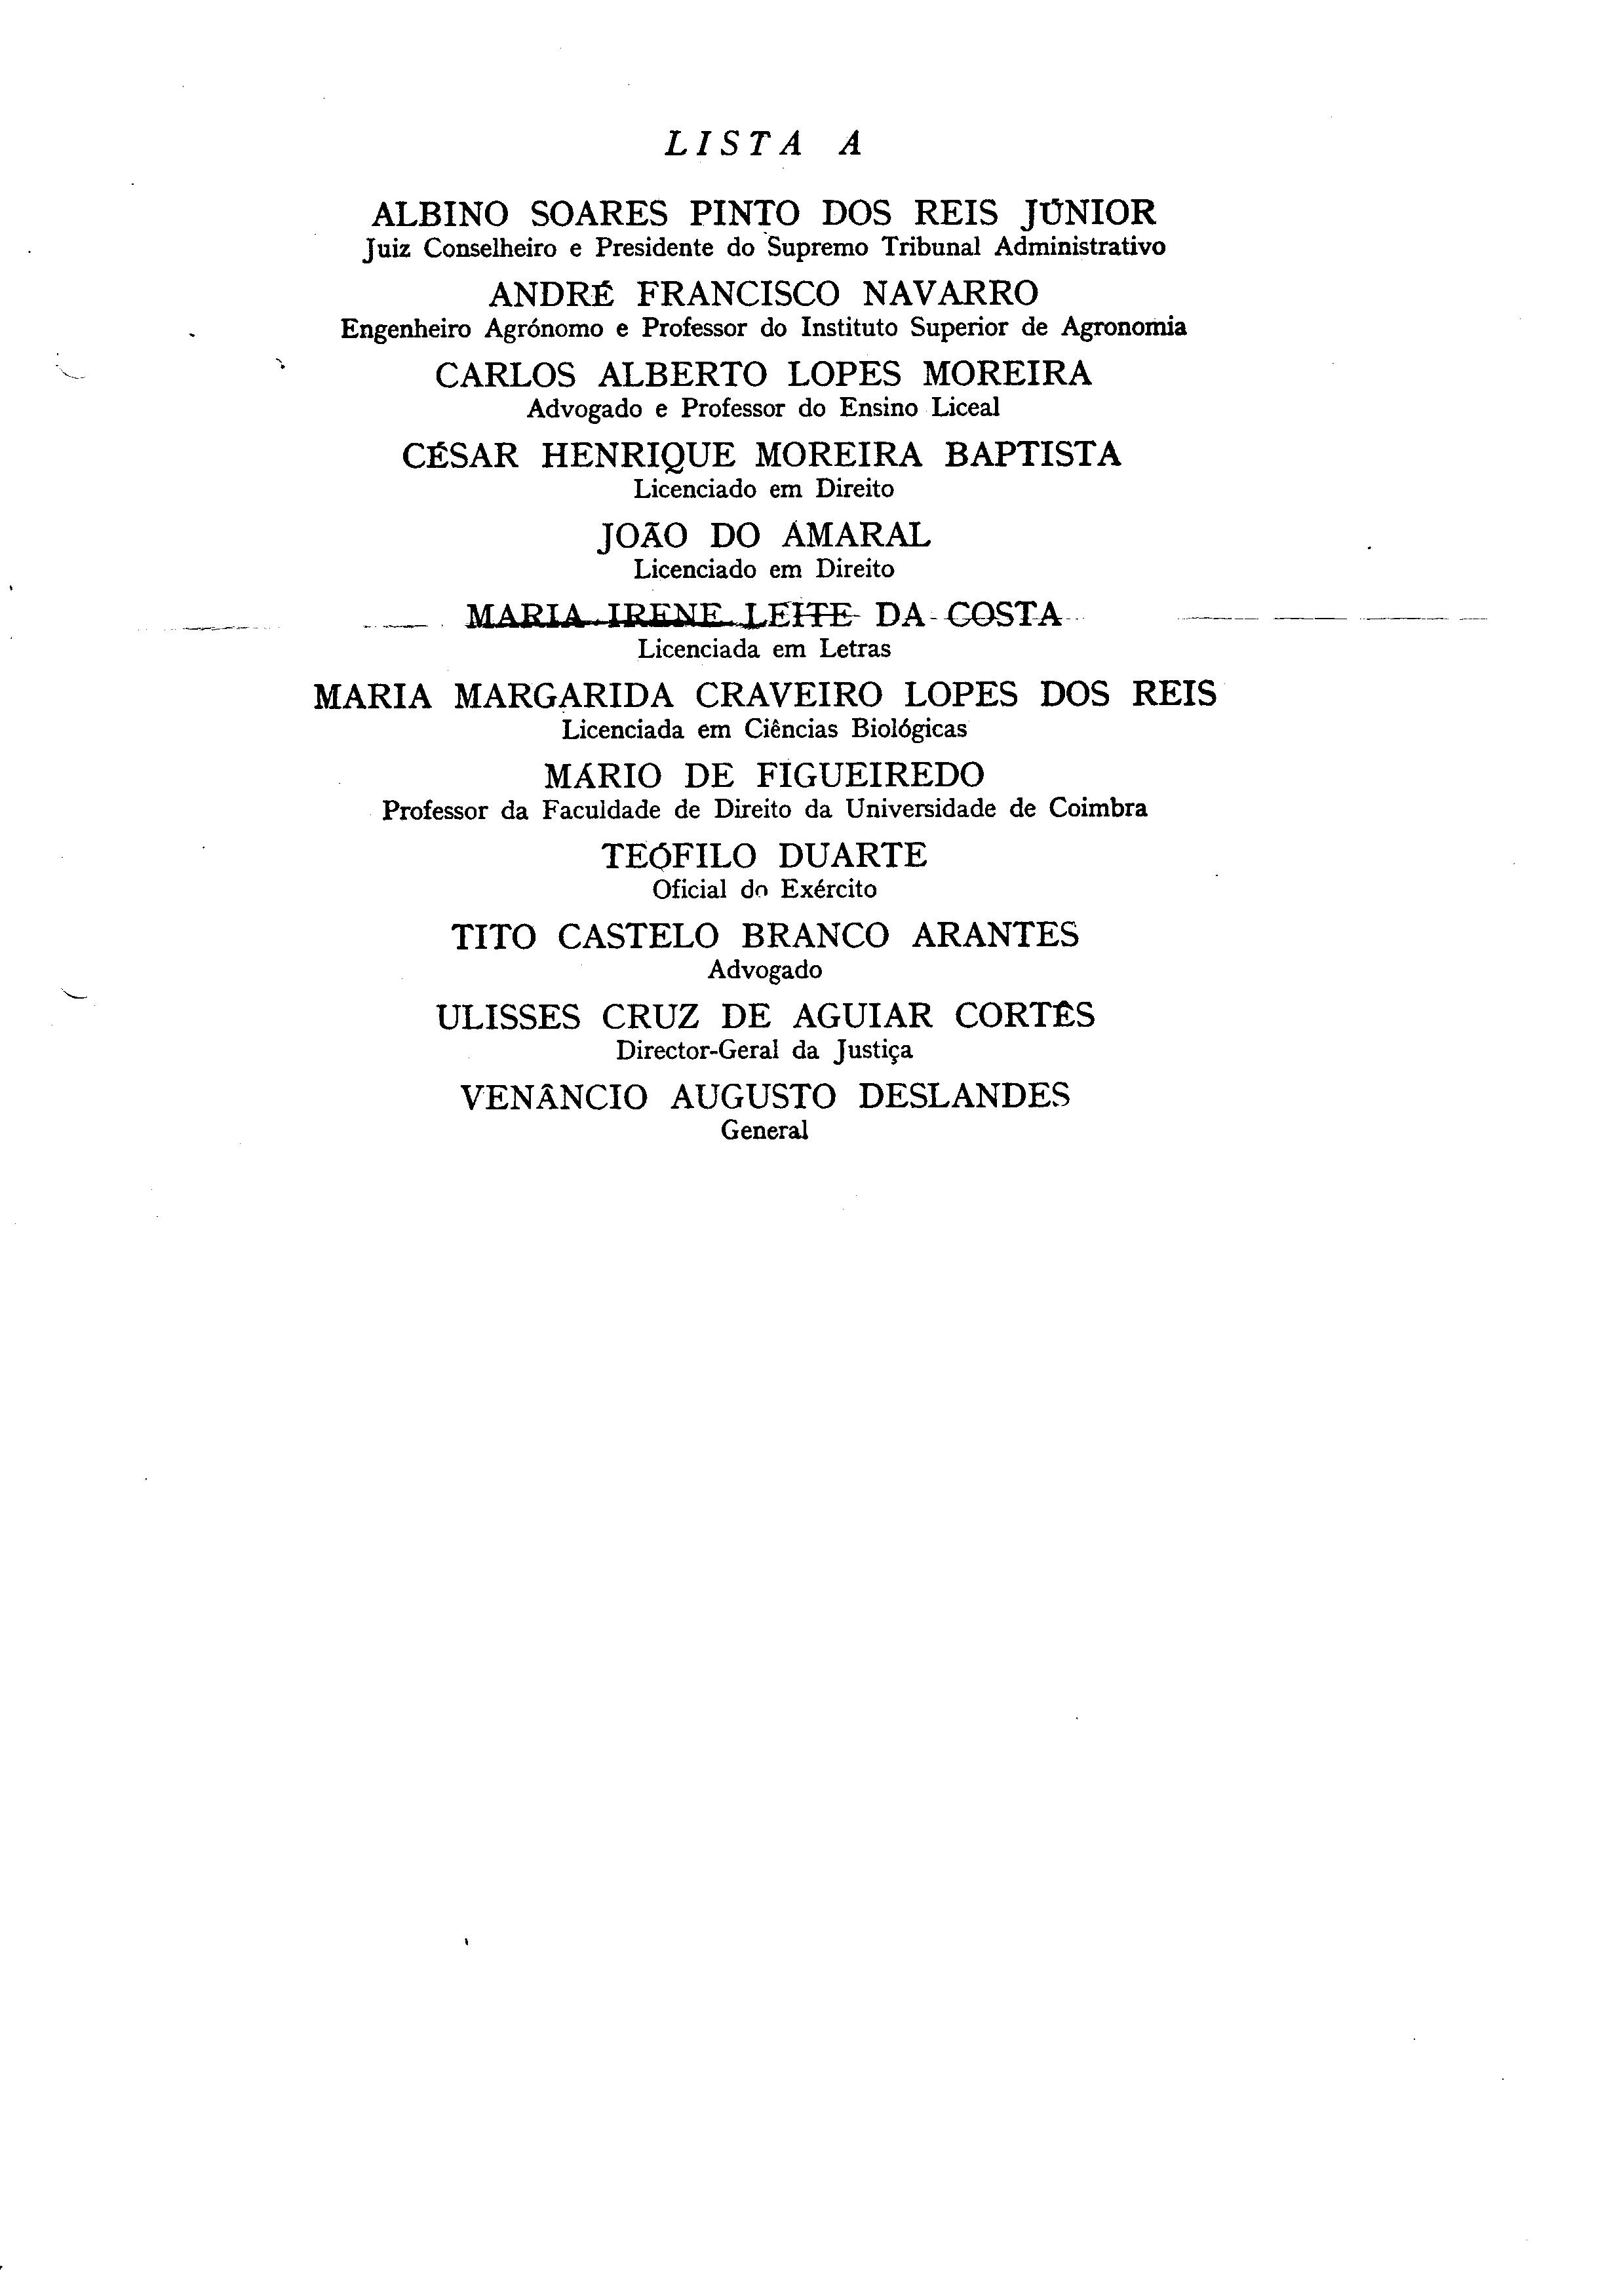 02591.042- pag.3